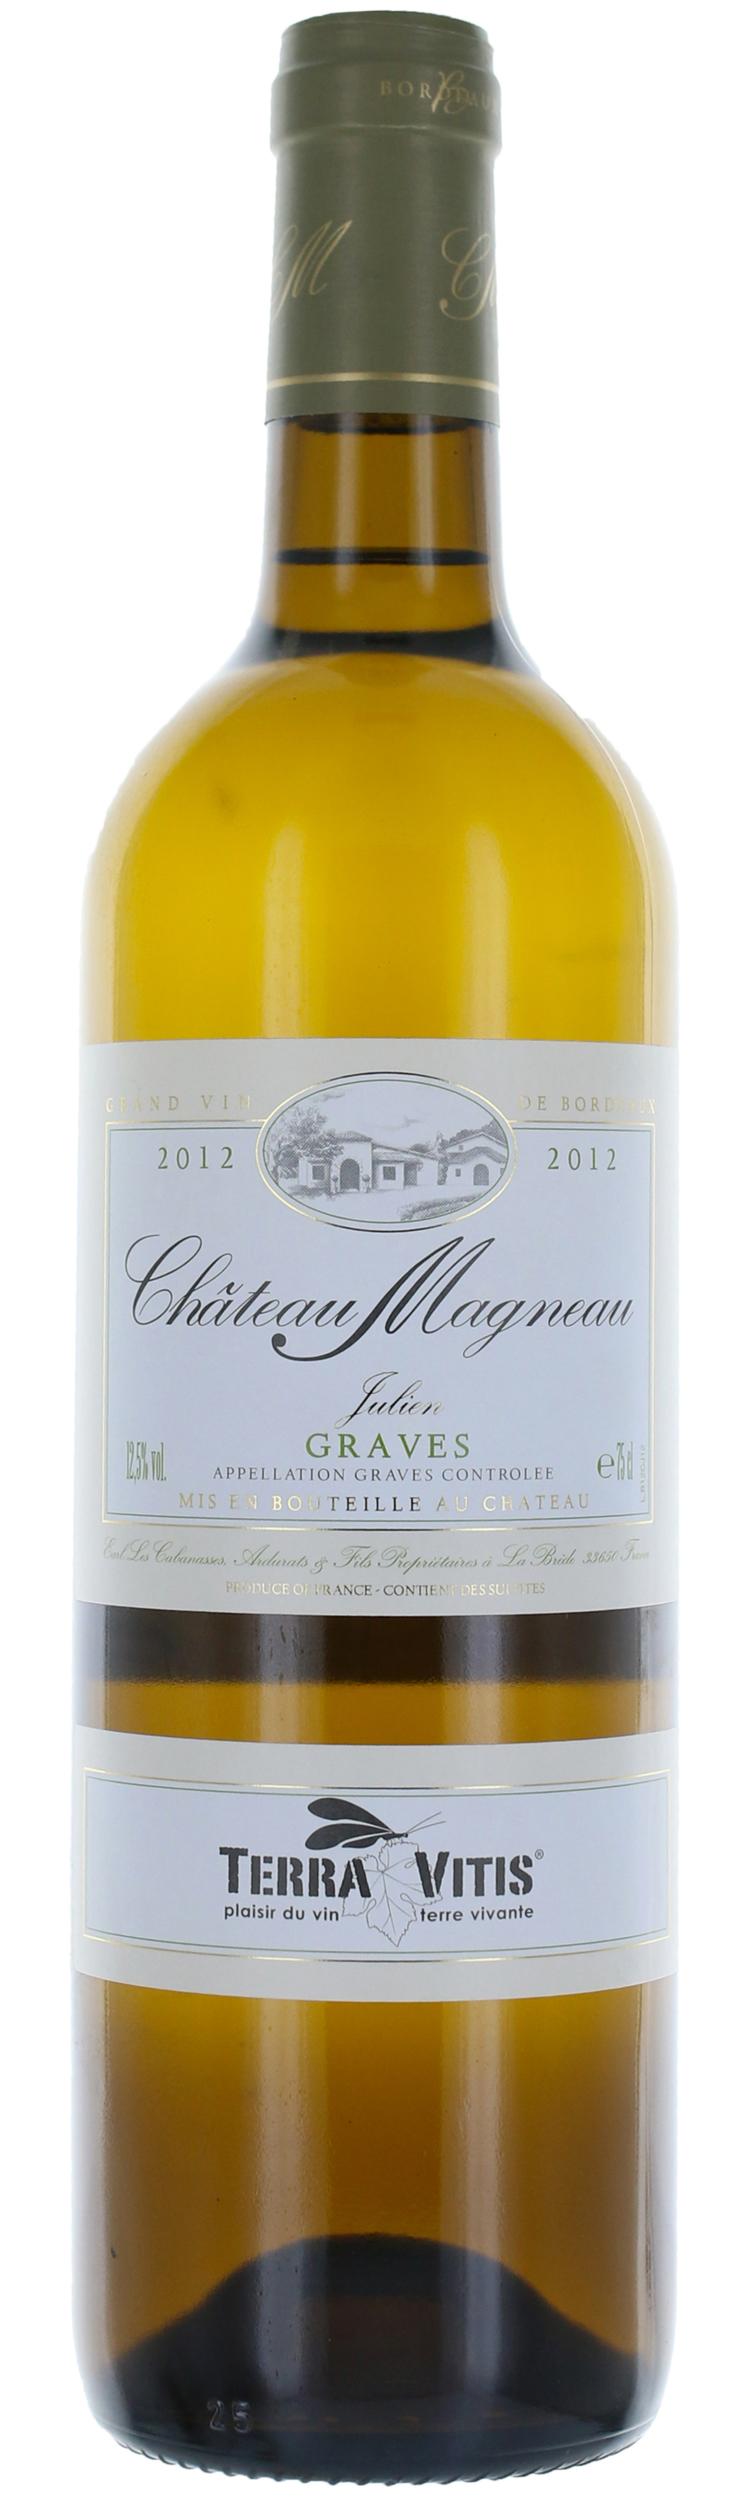 Graves Blanc - Cuvée Julien  - Château Magneau - 2016